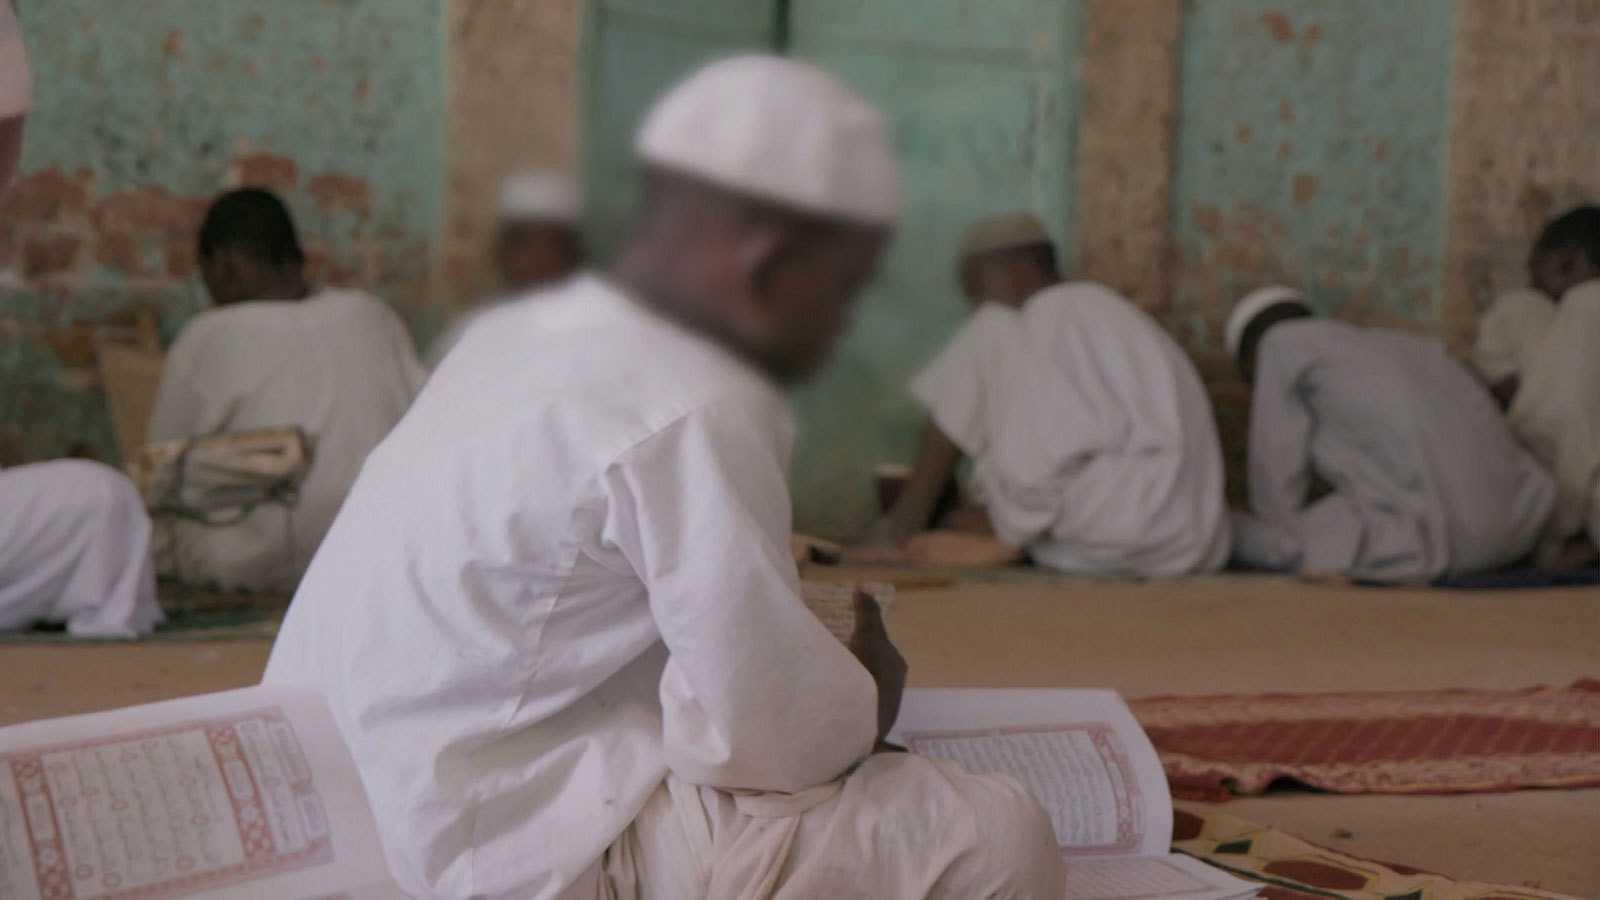 Un trabajo de investigación de un periodista de la BBC infiltrado en varias escuelas religiosas